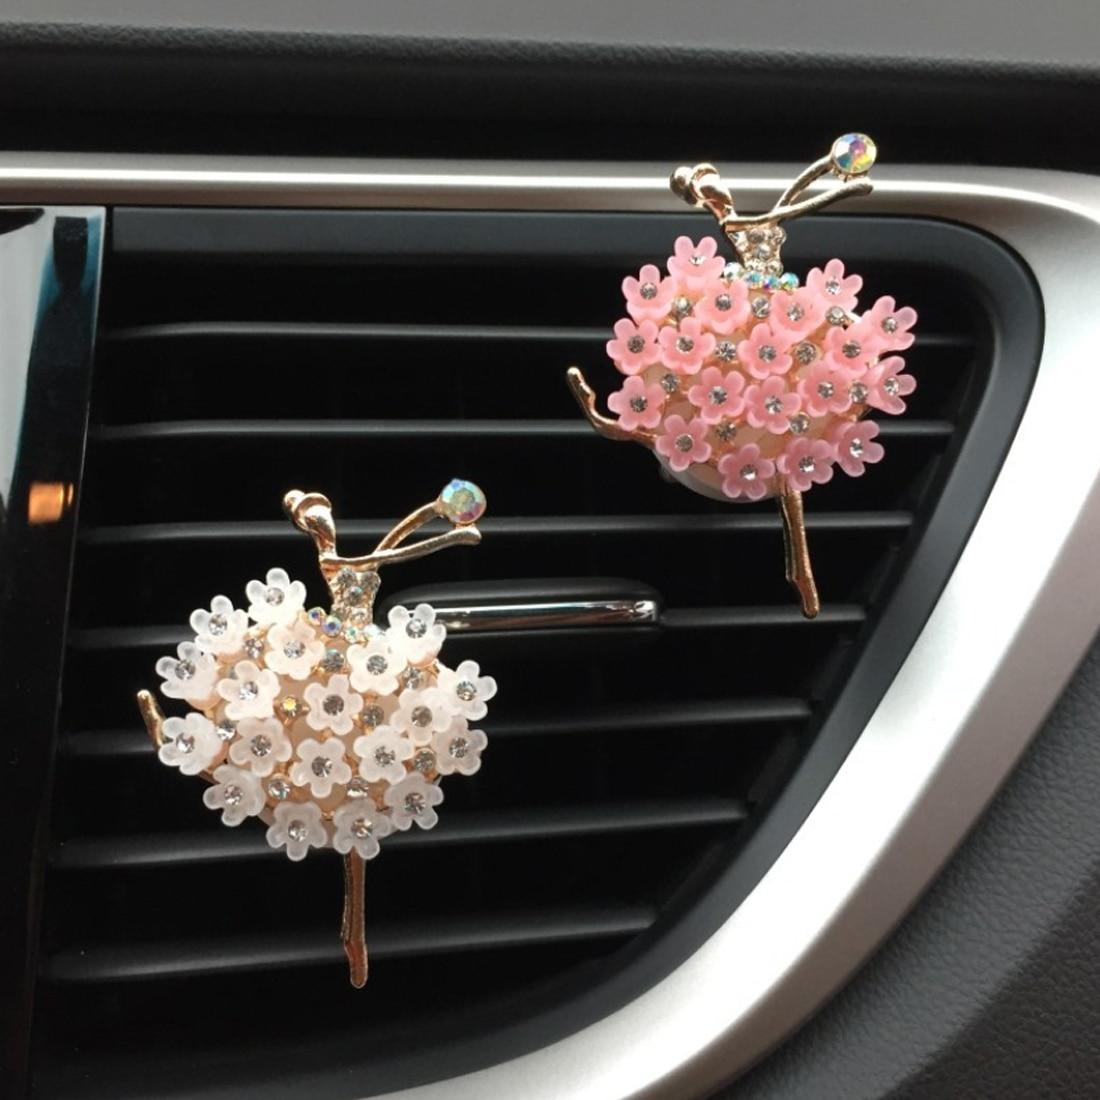 Car Aroma Diffuser Ballet Girl Car Air Fresheners Auto Perfume Car Air Outlet Clip Fragrance Flavori